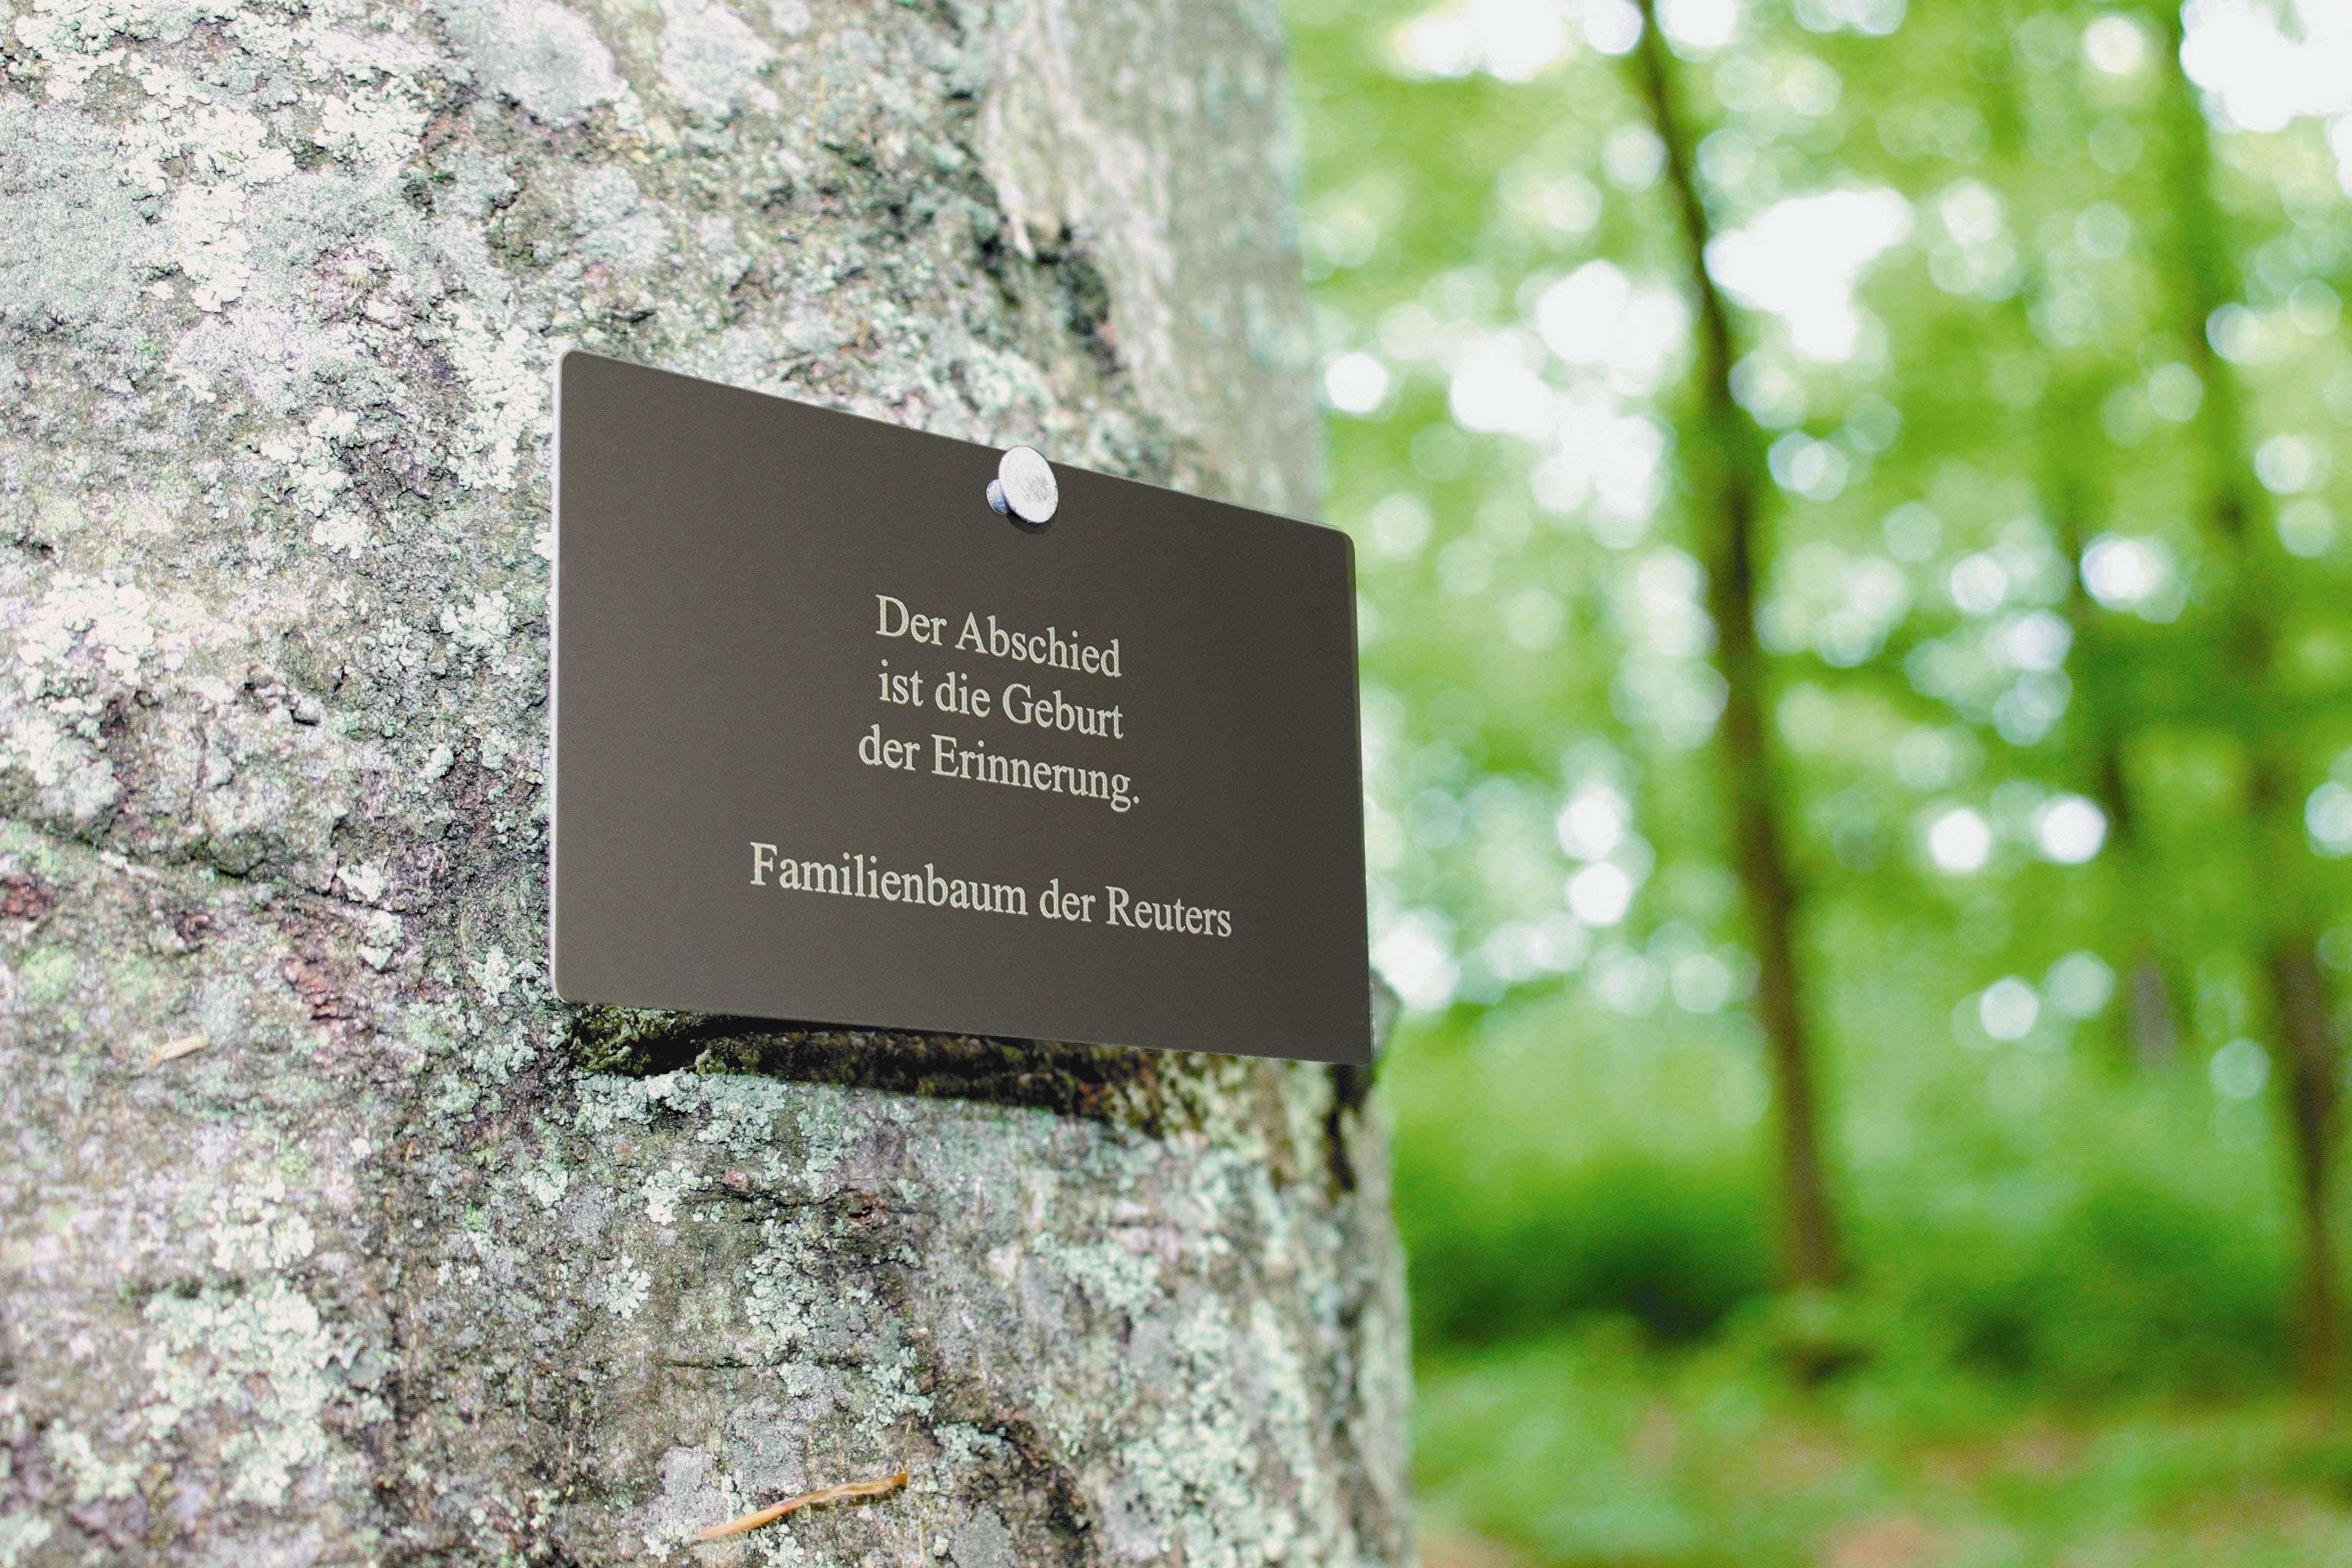 Friedwald Informationen Zur Baumbestattung Im Friedwald